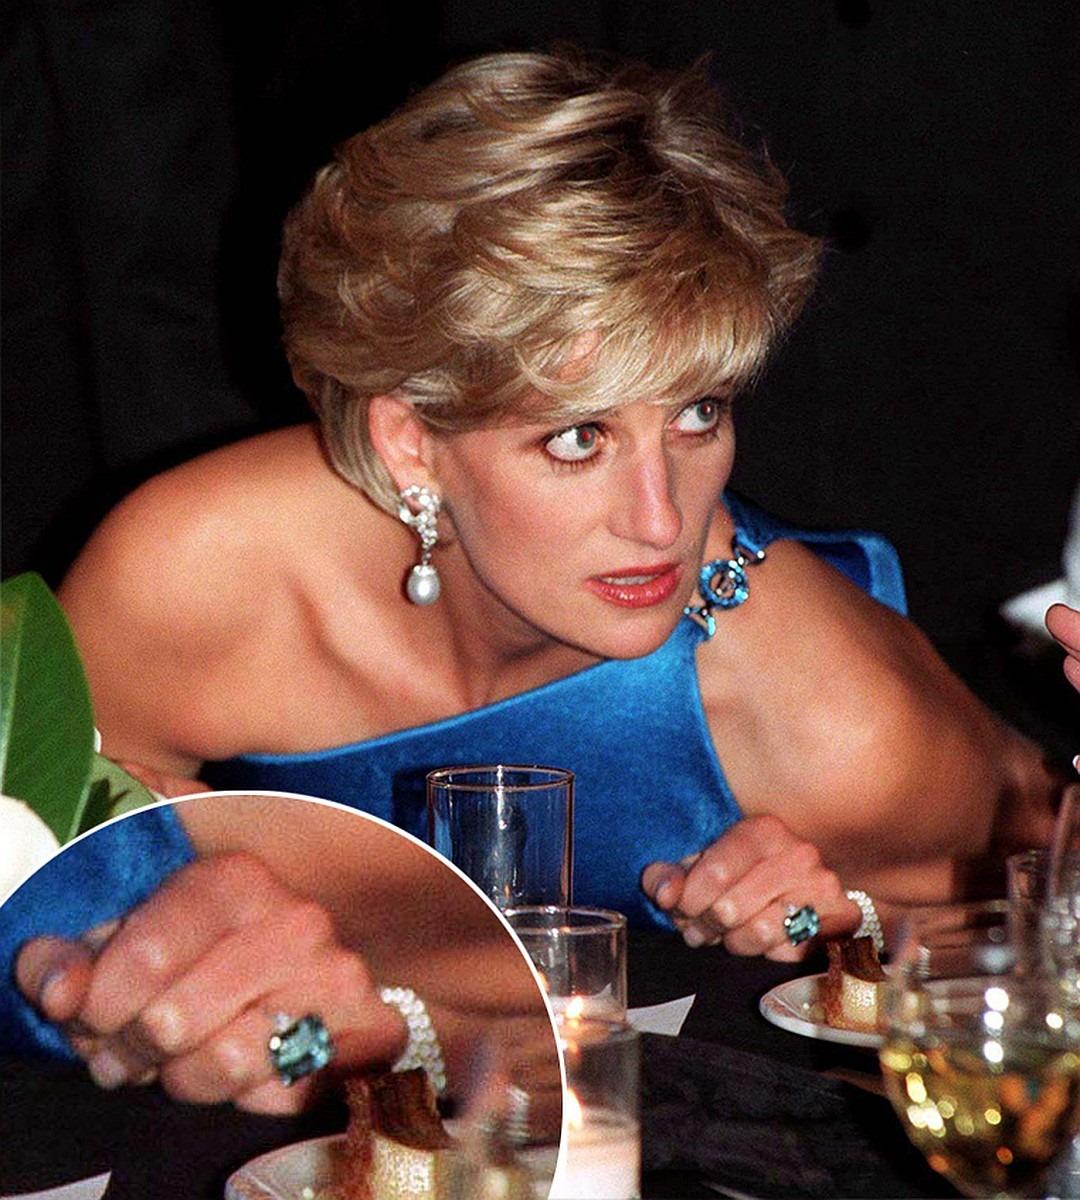 Диана в коктейльном кольце на вечеринке